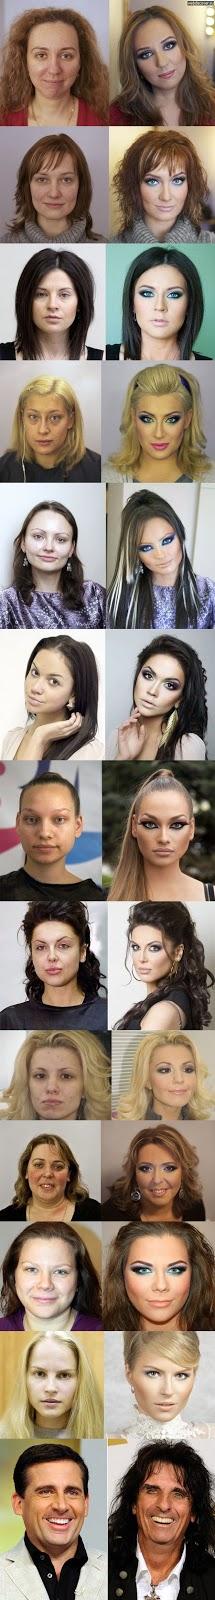 Strippers antes y después del maquillaje